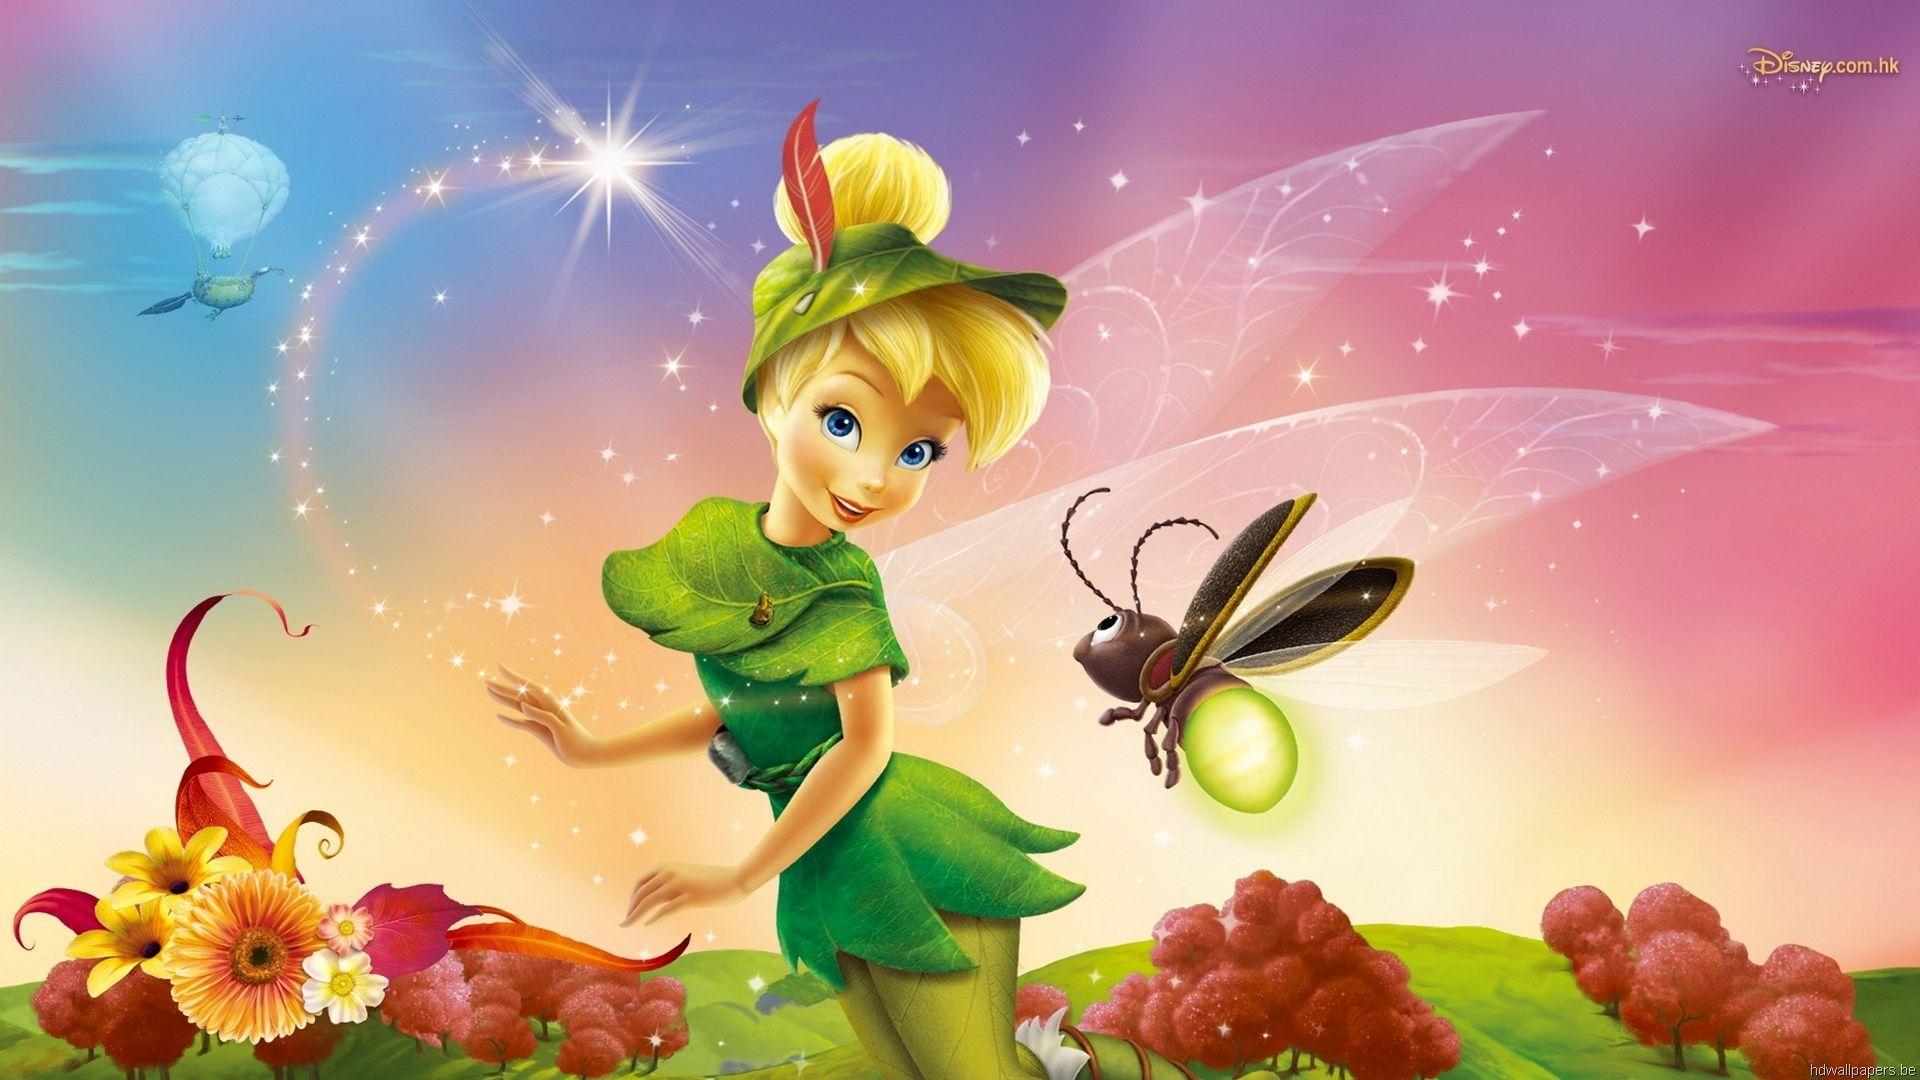 Tinker Bell Cartoon Wallpaper Tinkerbell Wallpaper Fairy Wallpaper